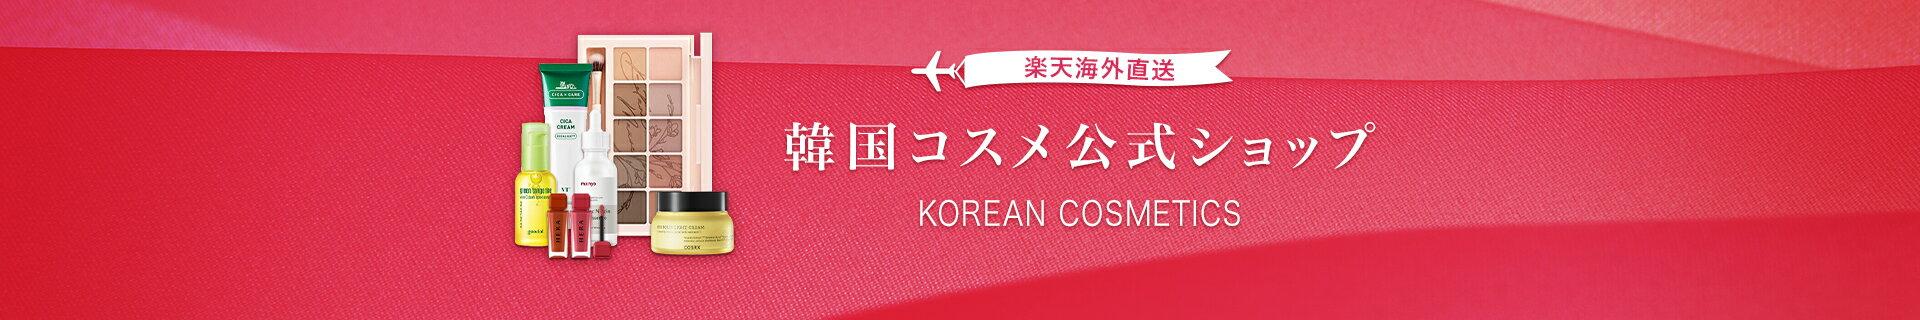 【楽天市場】海外直送韓国コスメ公式ショップのご案内